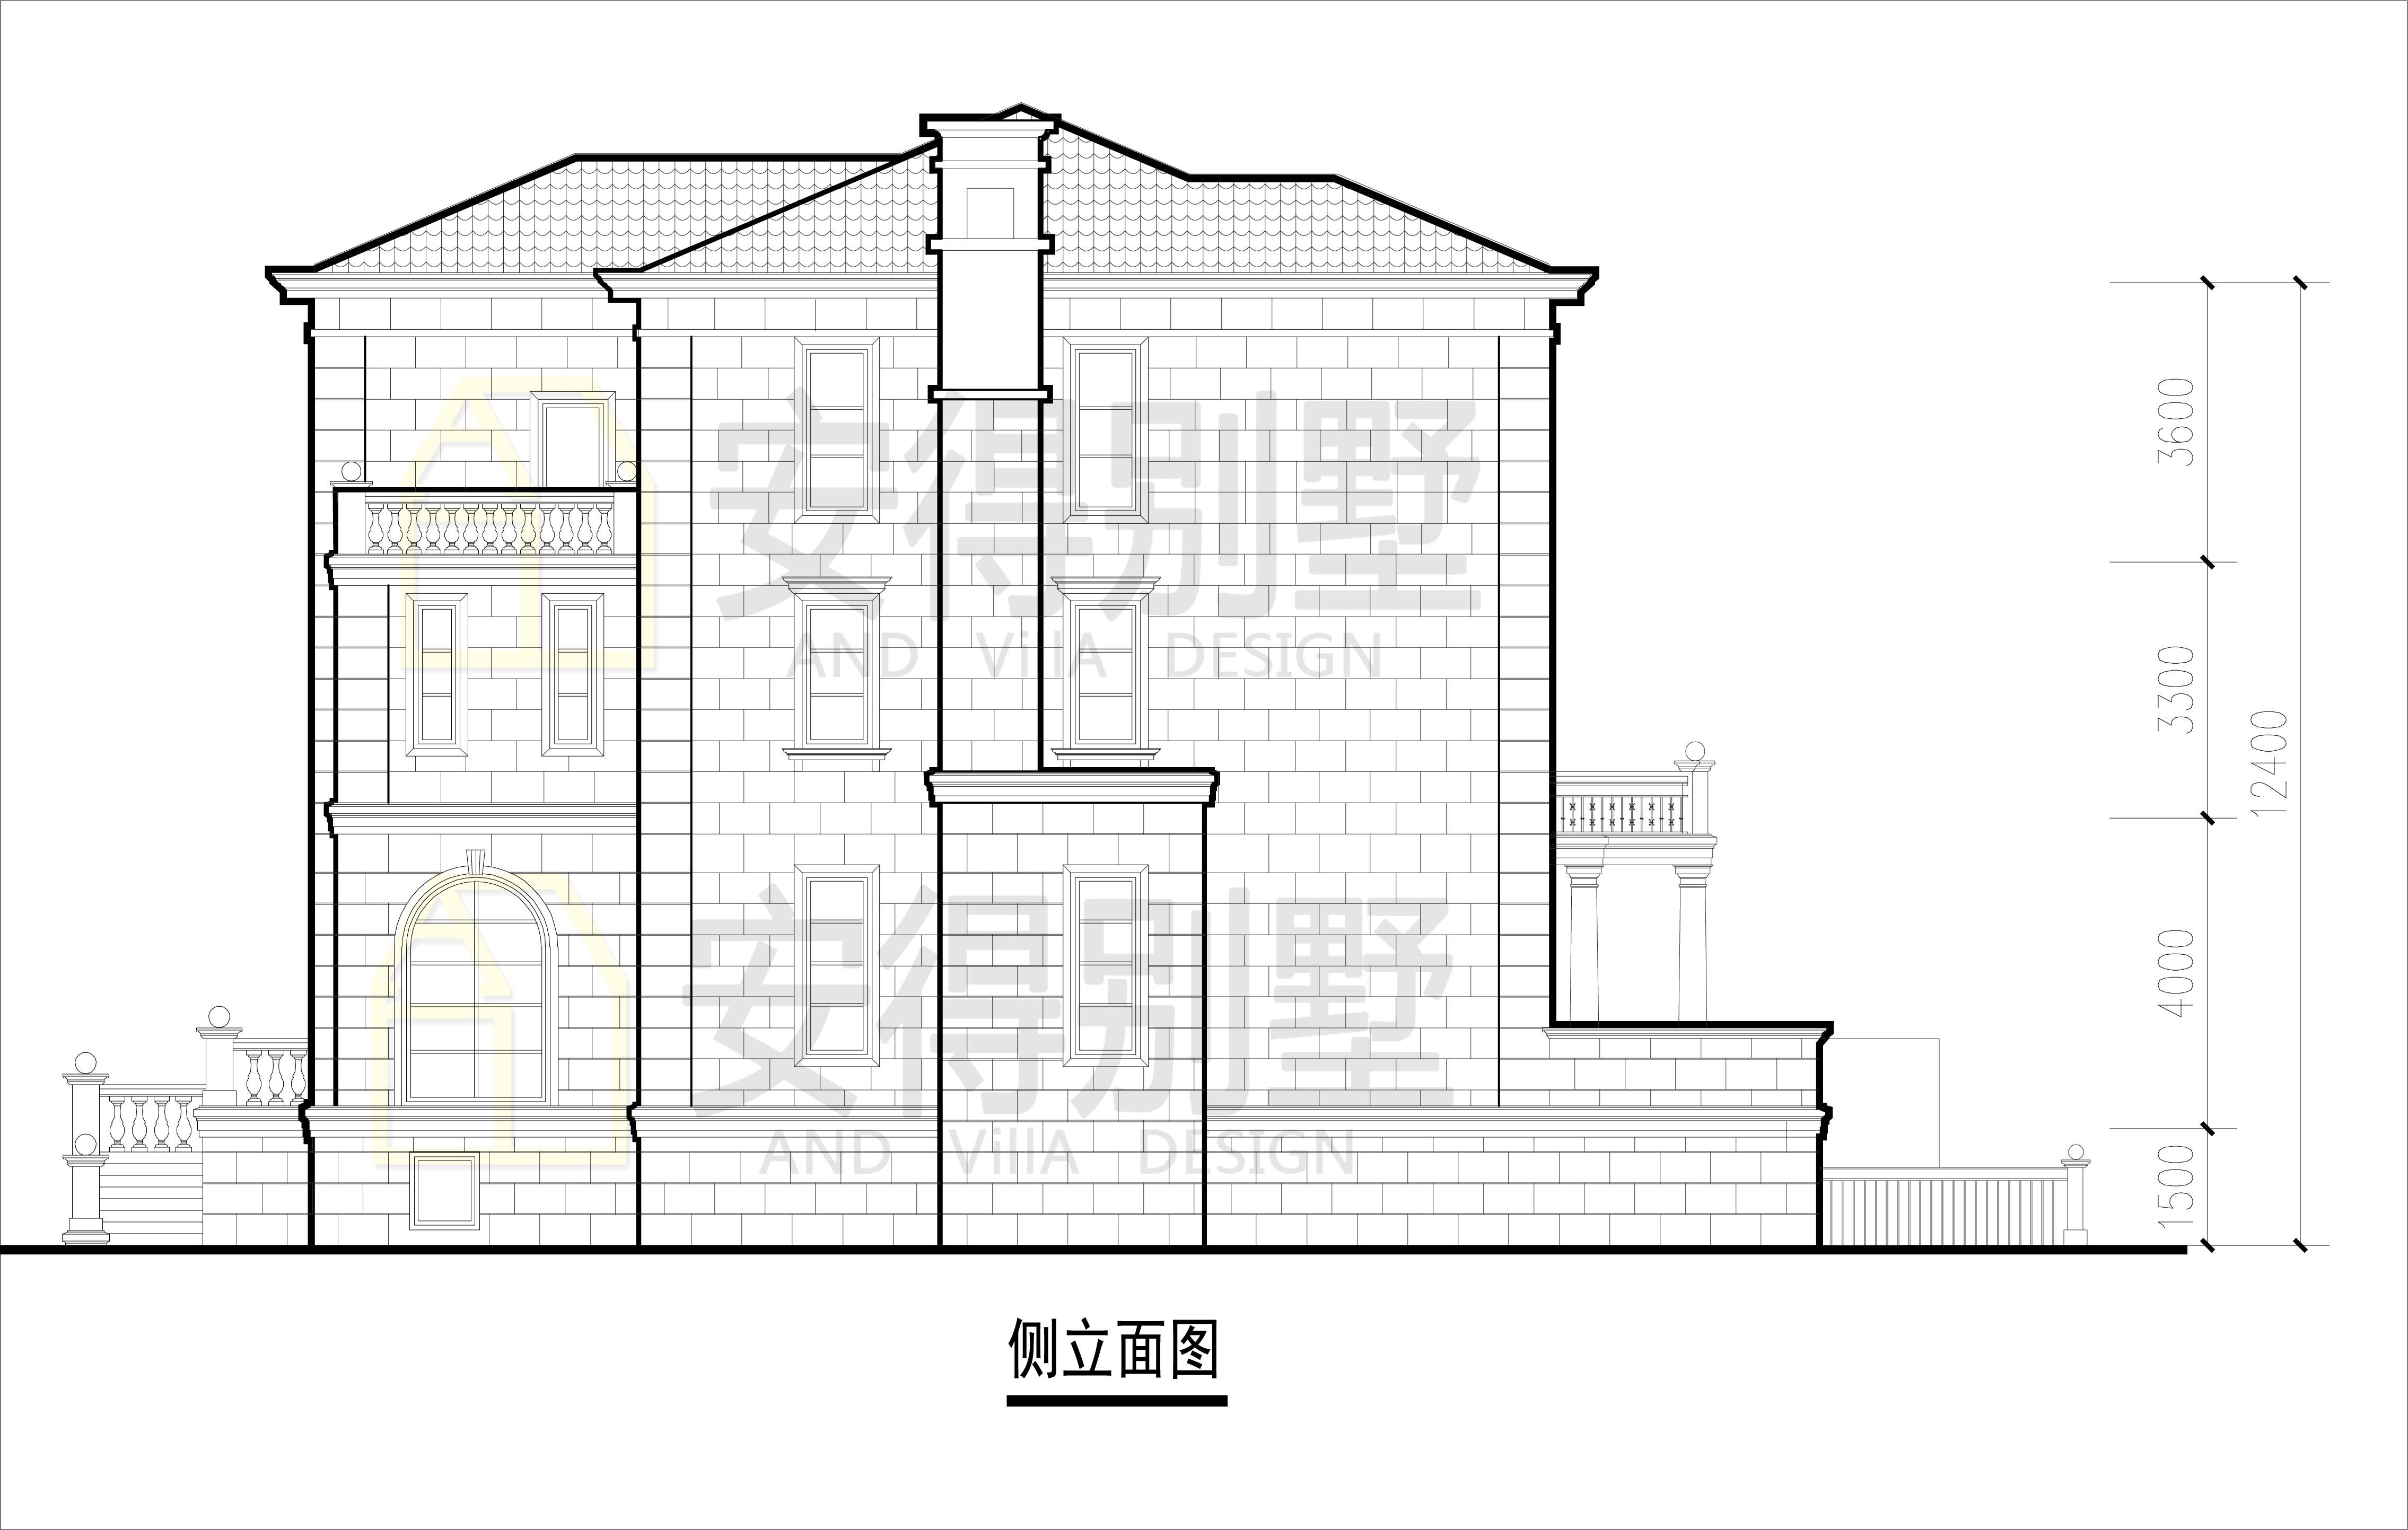 农村豪华欧式别墅设计图纸,每个卧室都配有卫生间的户型设计